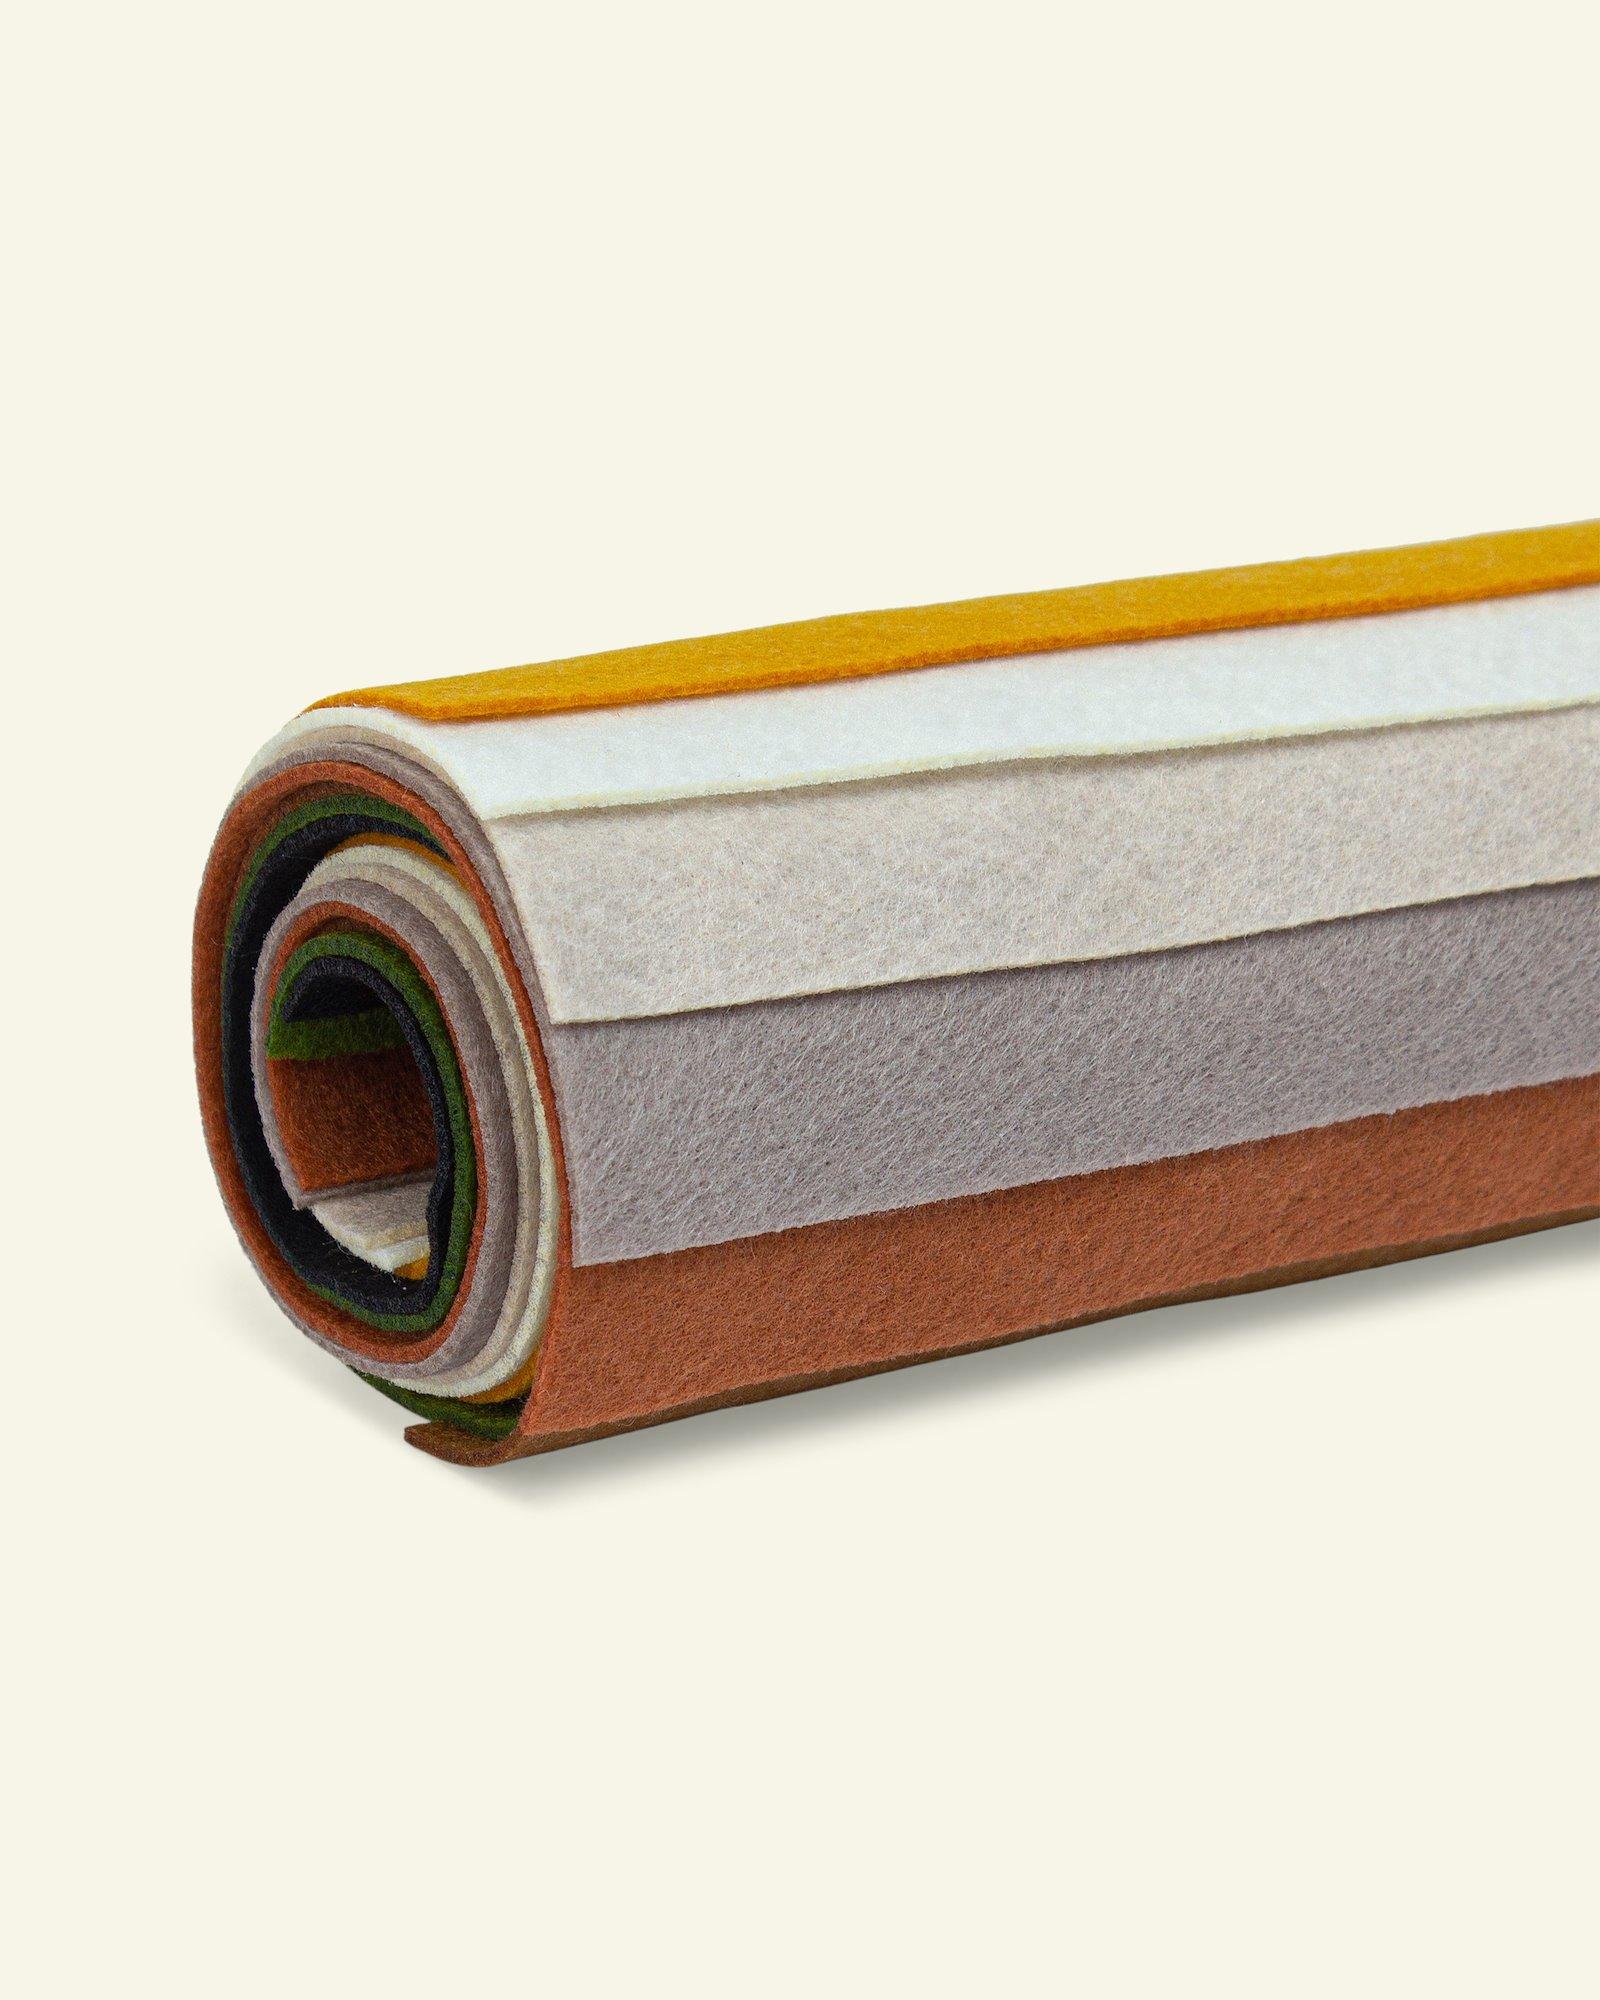 Filz 1,3mm 19,5x30cm Naturfarben, 8 St.